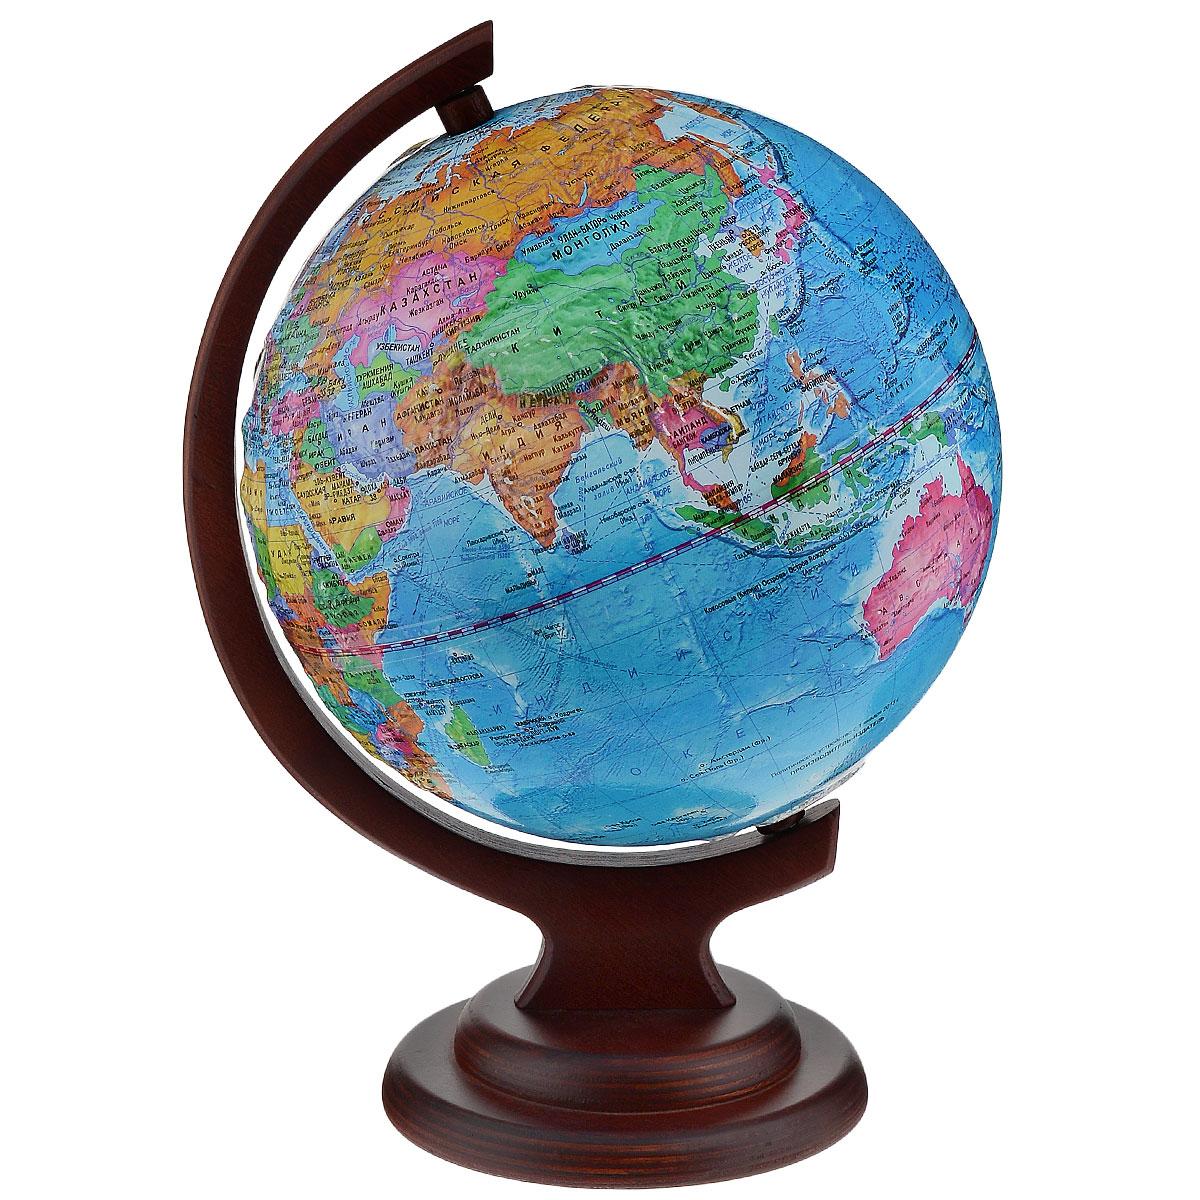 Глобусный мир Глобус с политической картой, рельефный, диаметр 21 см, на деревянной подставке10154Глобус рельефный с политической картой мира выполнен в высоком качестве, с четким и ярким изображением. Он даст представление о политическом устройстве мира. На нем отображены линии картографической сетки, показаны границы государств и демаркационные линии, столицы и крупные населенные пункты, линия перемены дат. Глобус легко вращается вокруг своей оси. Глобус является уменьшенной и практически не искаженной моделью Земли и предназначен для использования в качестве наглядного картографического пособия, а также для украшения интерьера квартир, кабинетов и офисов. Красочность, повышенная наглядность визуального восприятия взаимосвязей, отображенных на глобусе объектов и явлений, в сочетании с простотой выполнения по нему различных измерений делают глобус доступным широкому кругу потребителей для получения разнообразной познавательной, научной и справочной информации о Земле. Глобус на оригинальной деревянной подставке. Масштаб: 1:60000000.